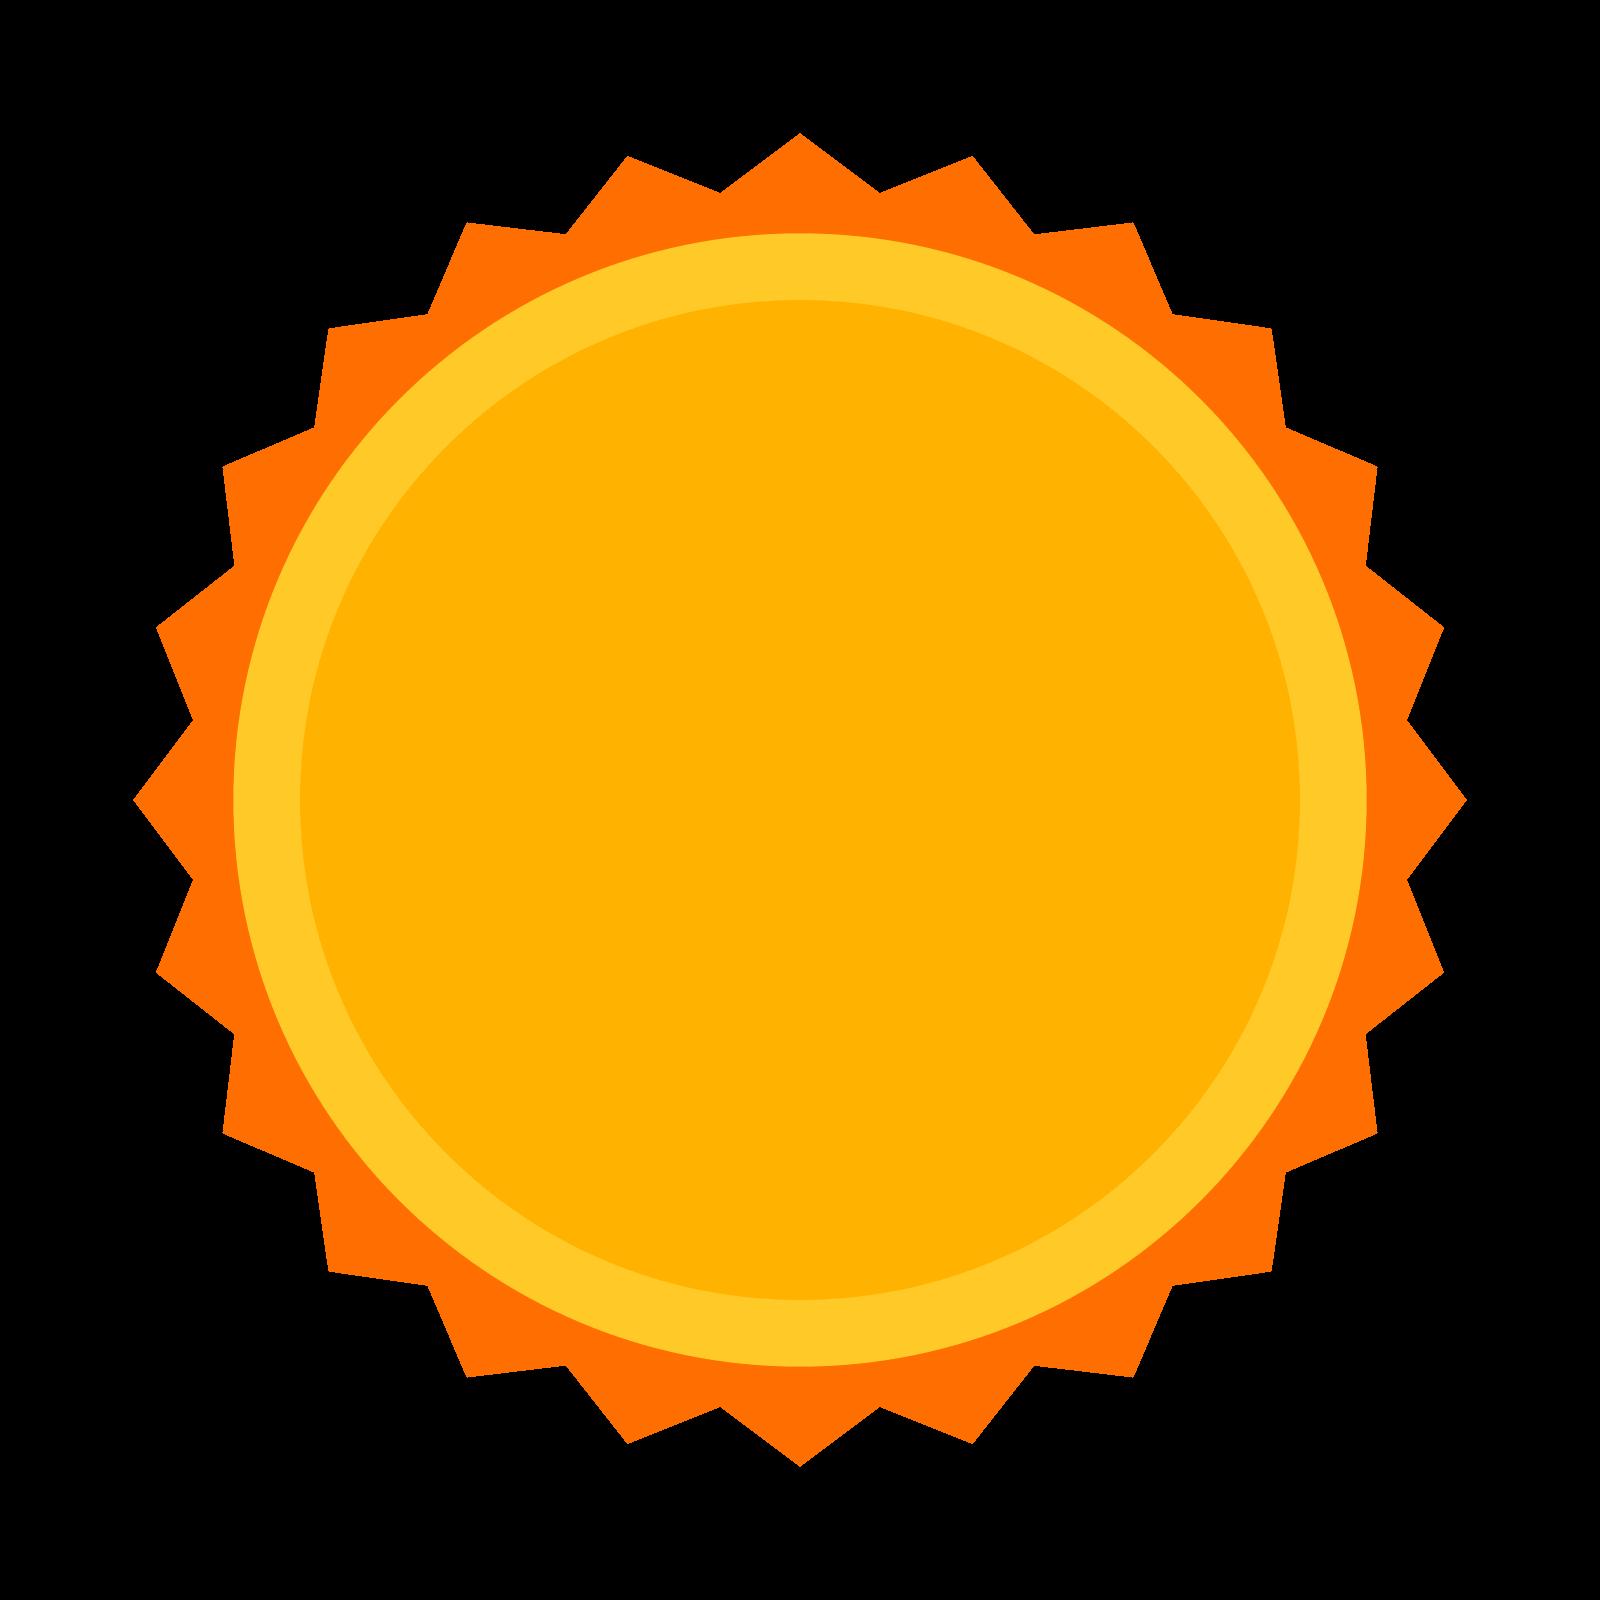 1600x1600 15 Sol Vector Suns For Free Download On Mbtskoudsalg